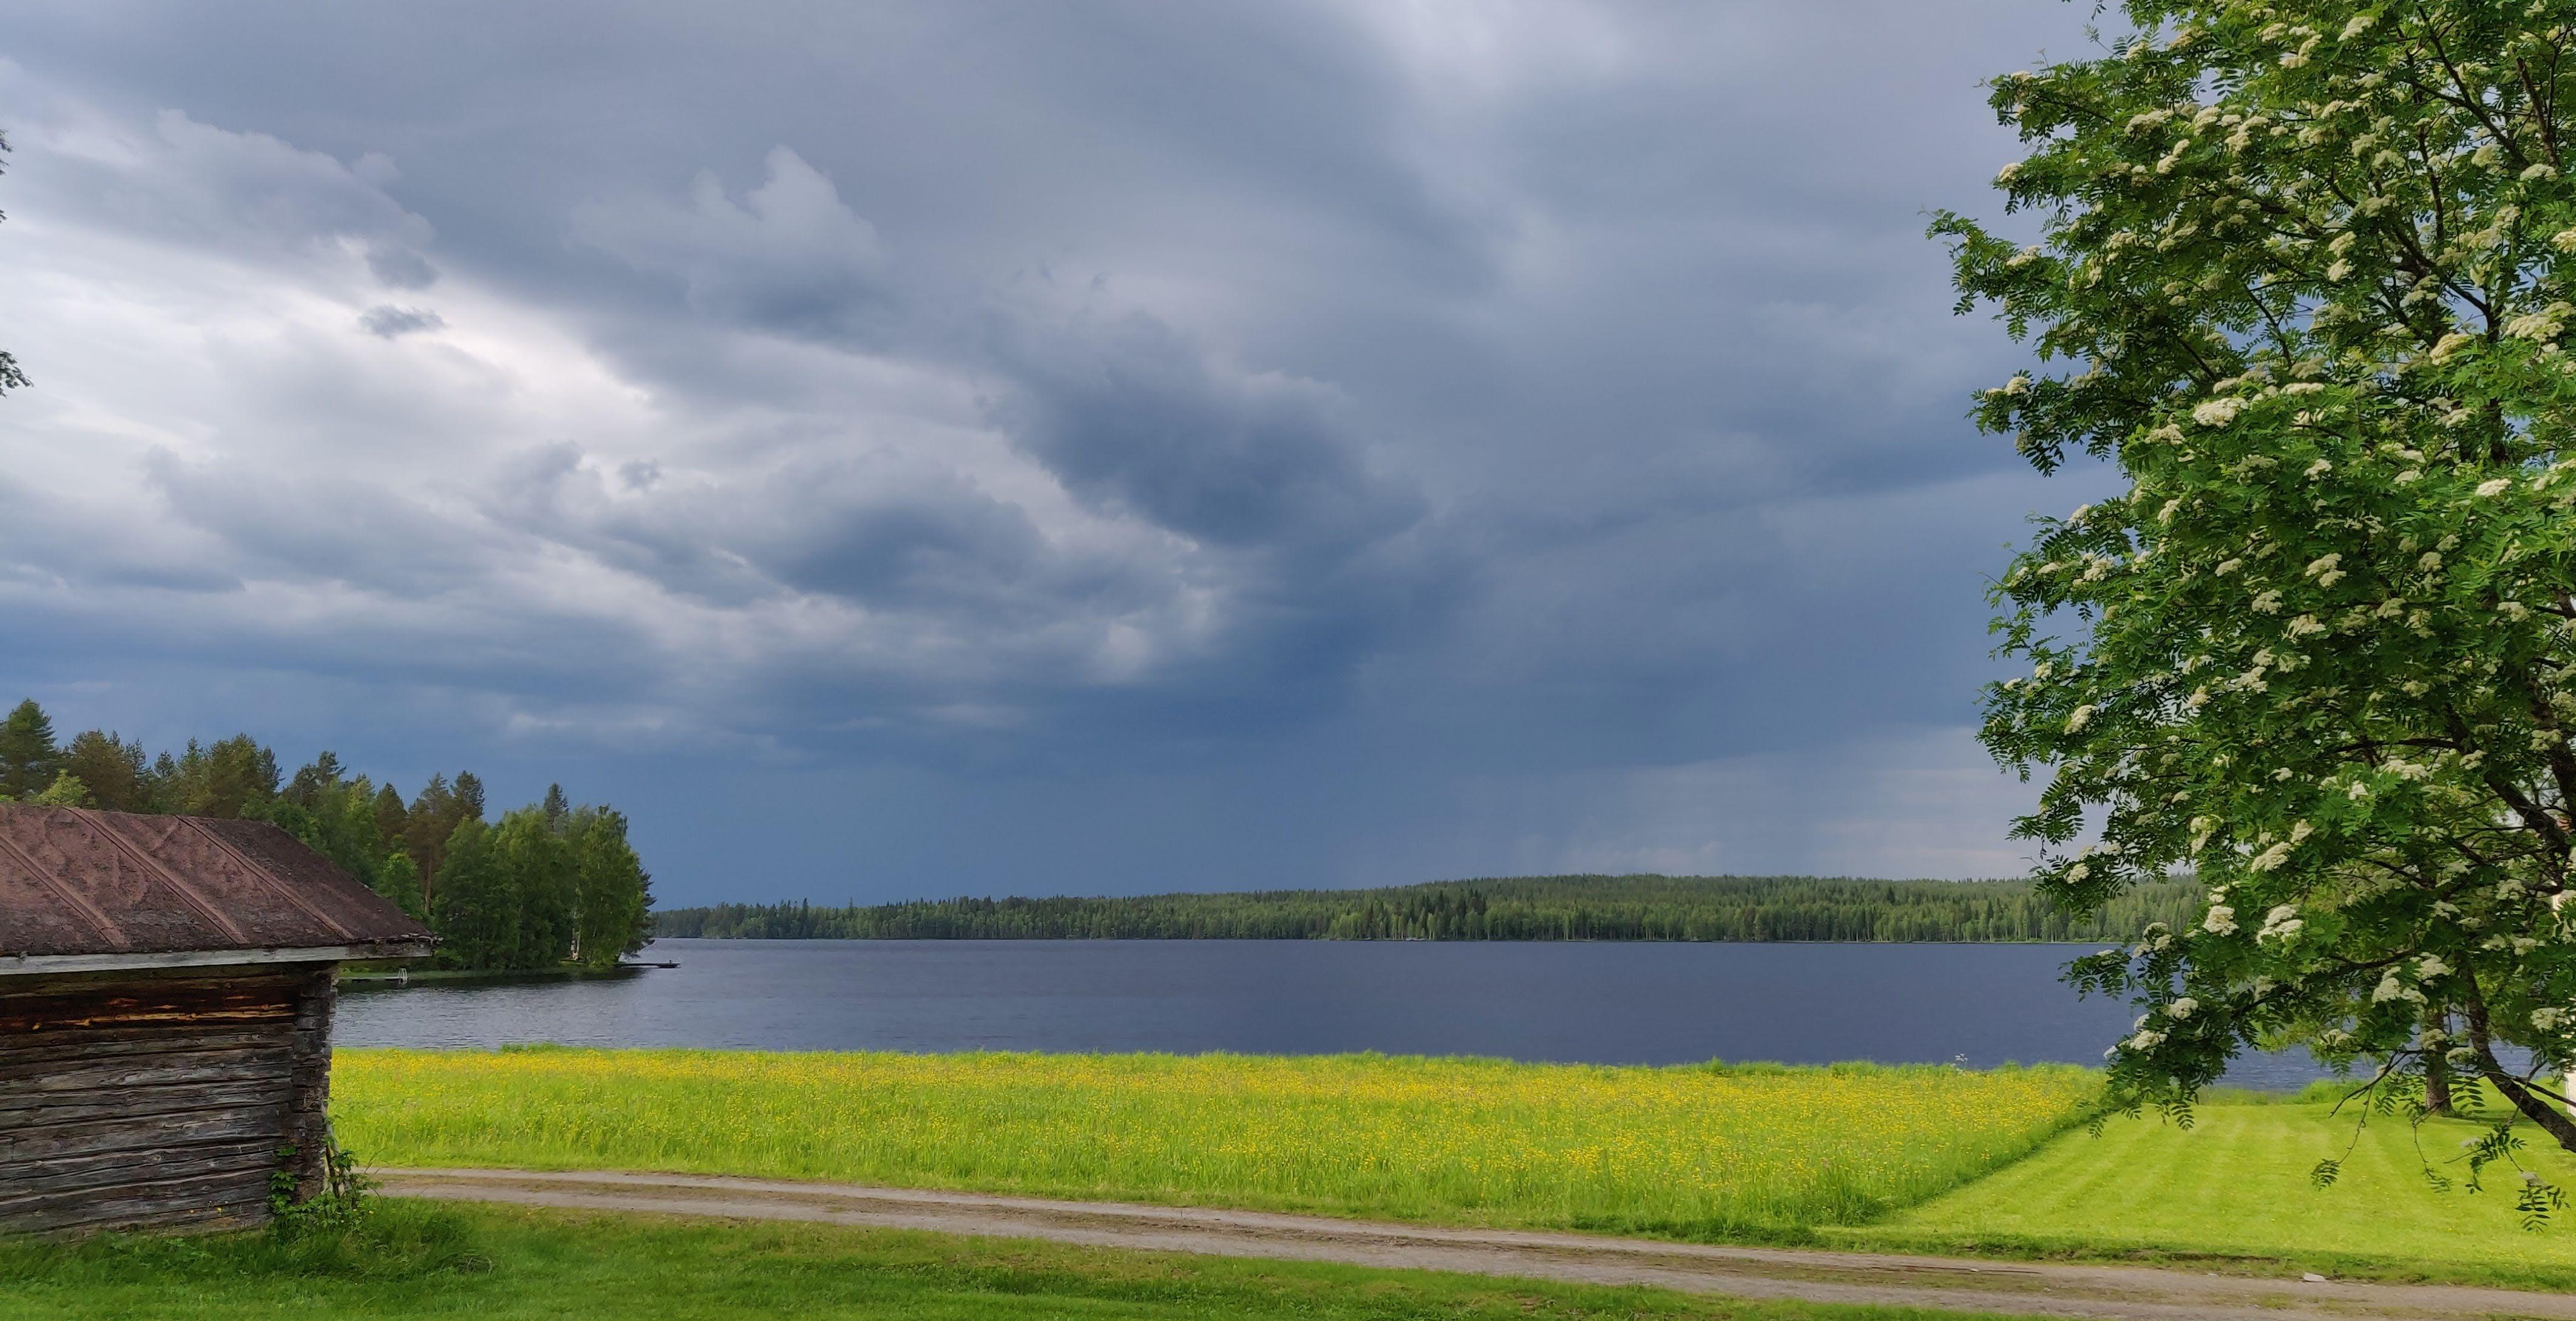 Kuvassa näkyy maalaismaisema, jossa on järvi ja vanha rakennus